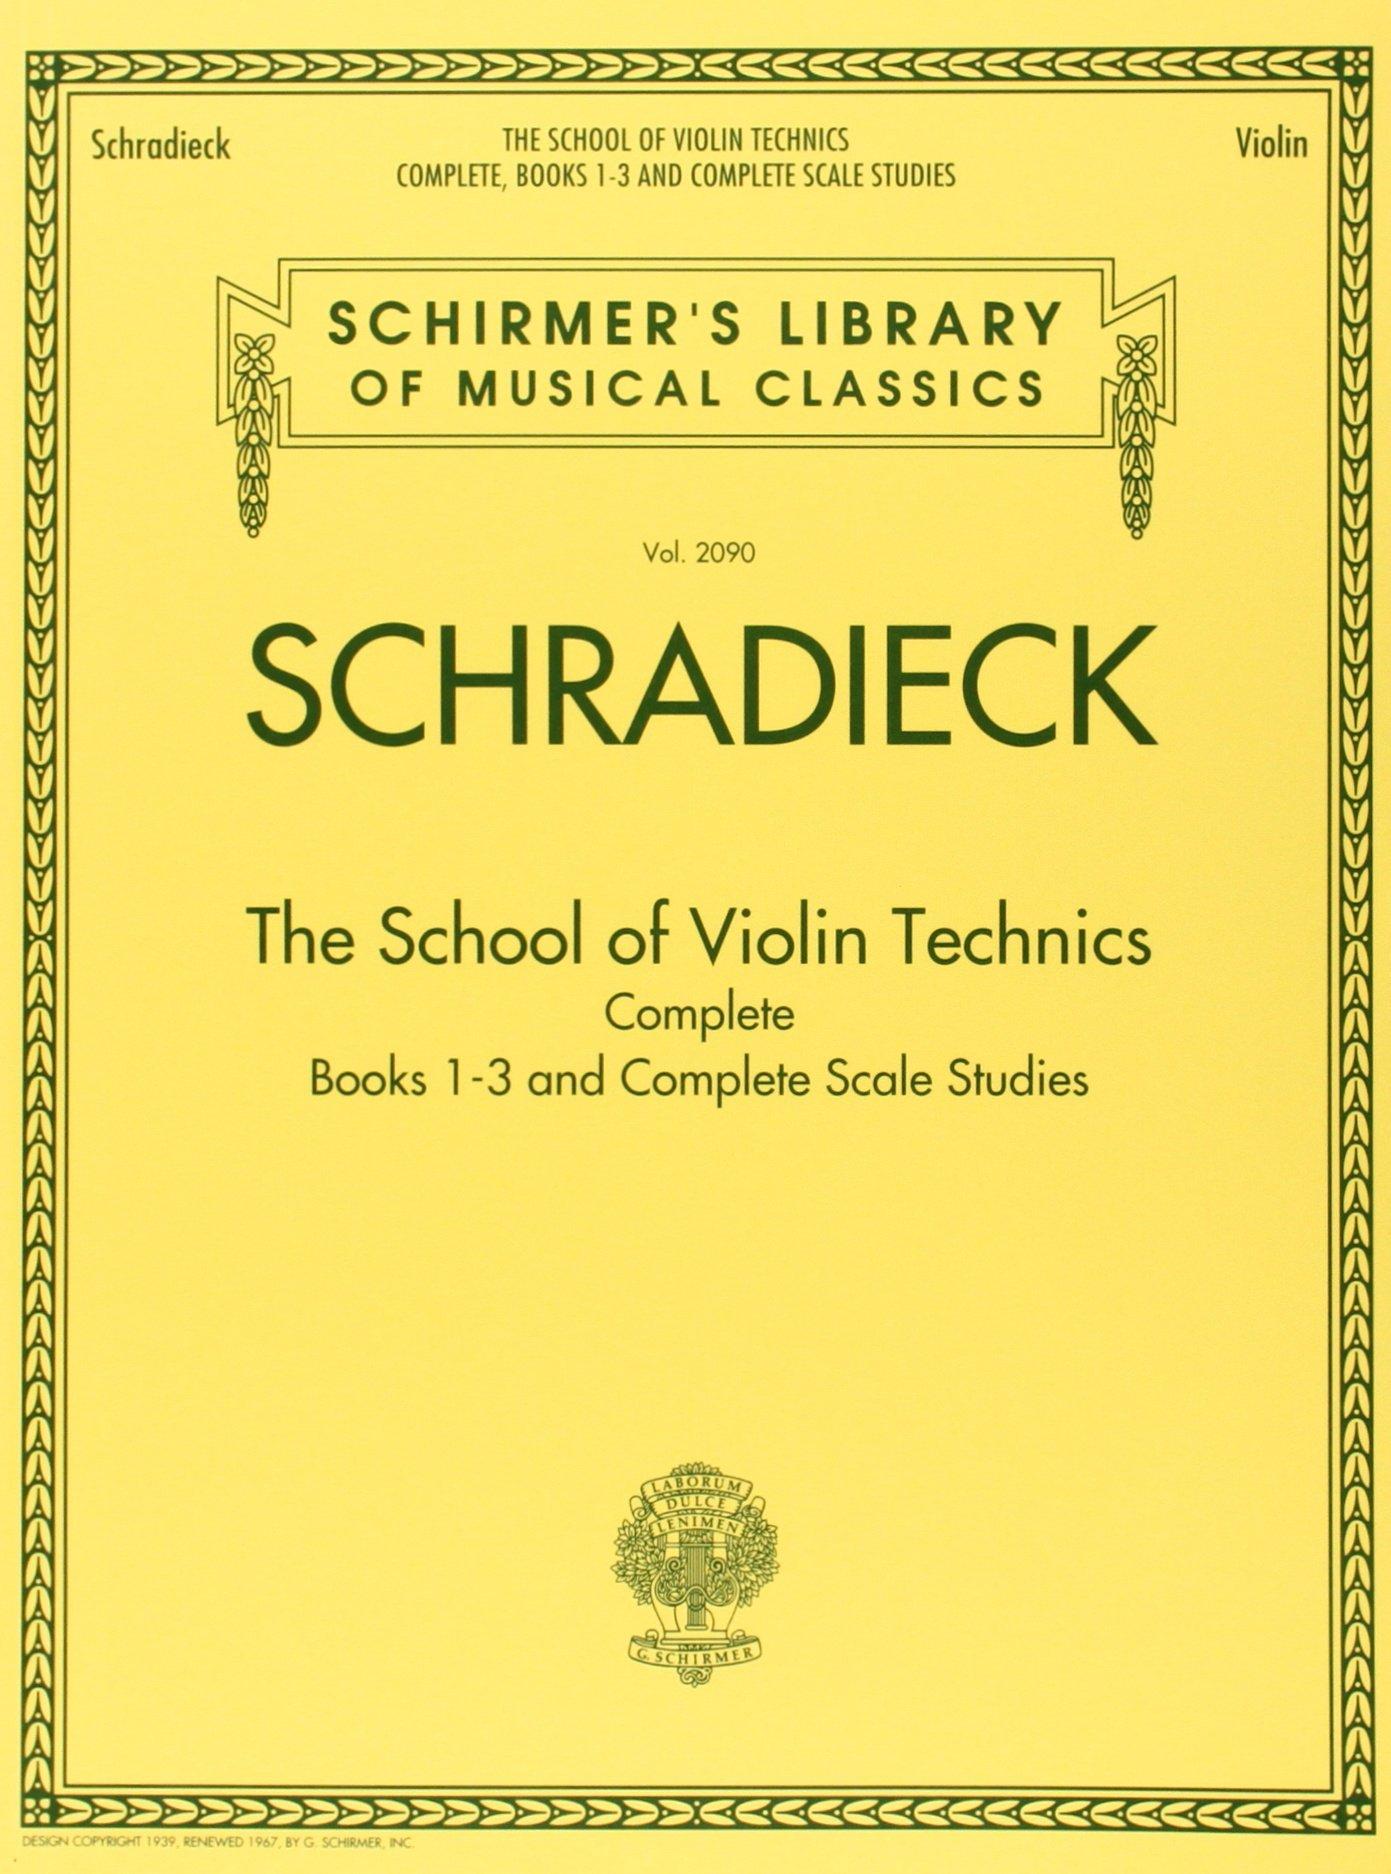 School For Violin Technics: Complete